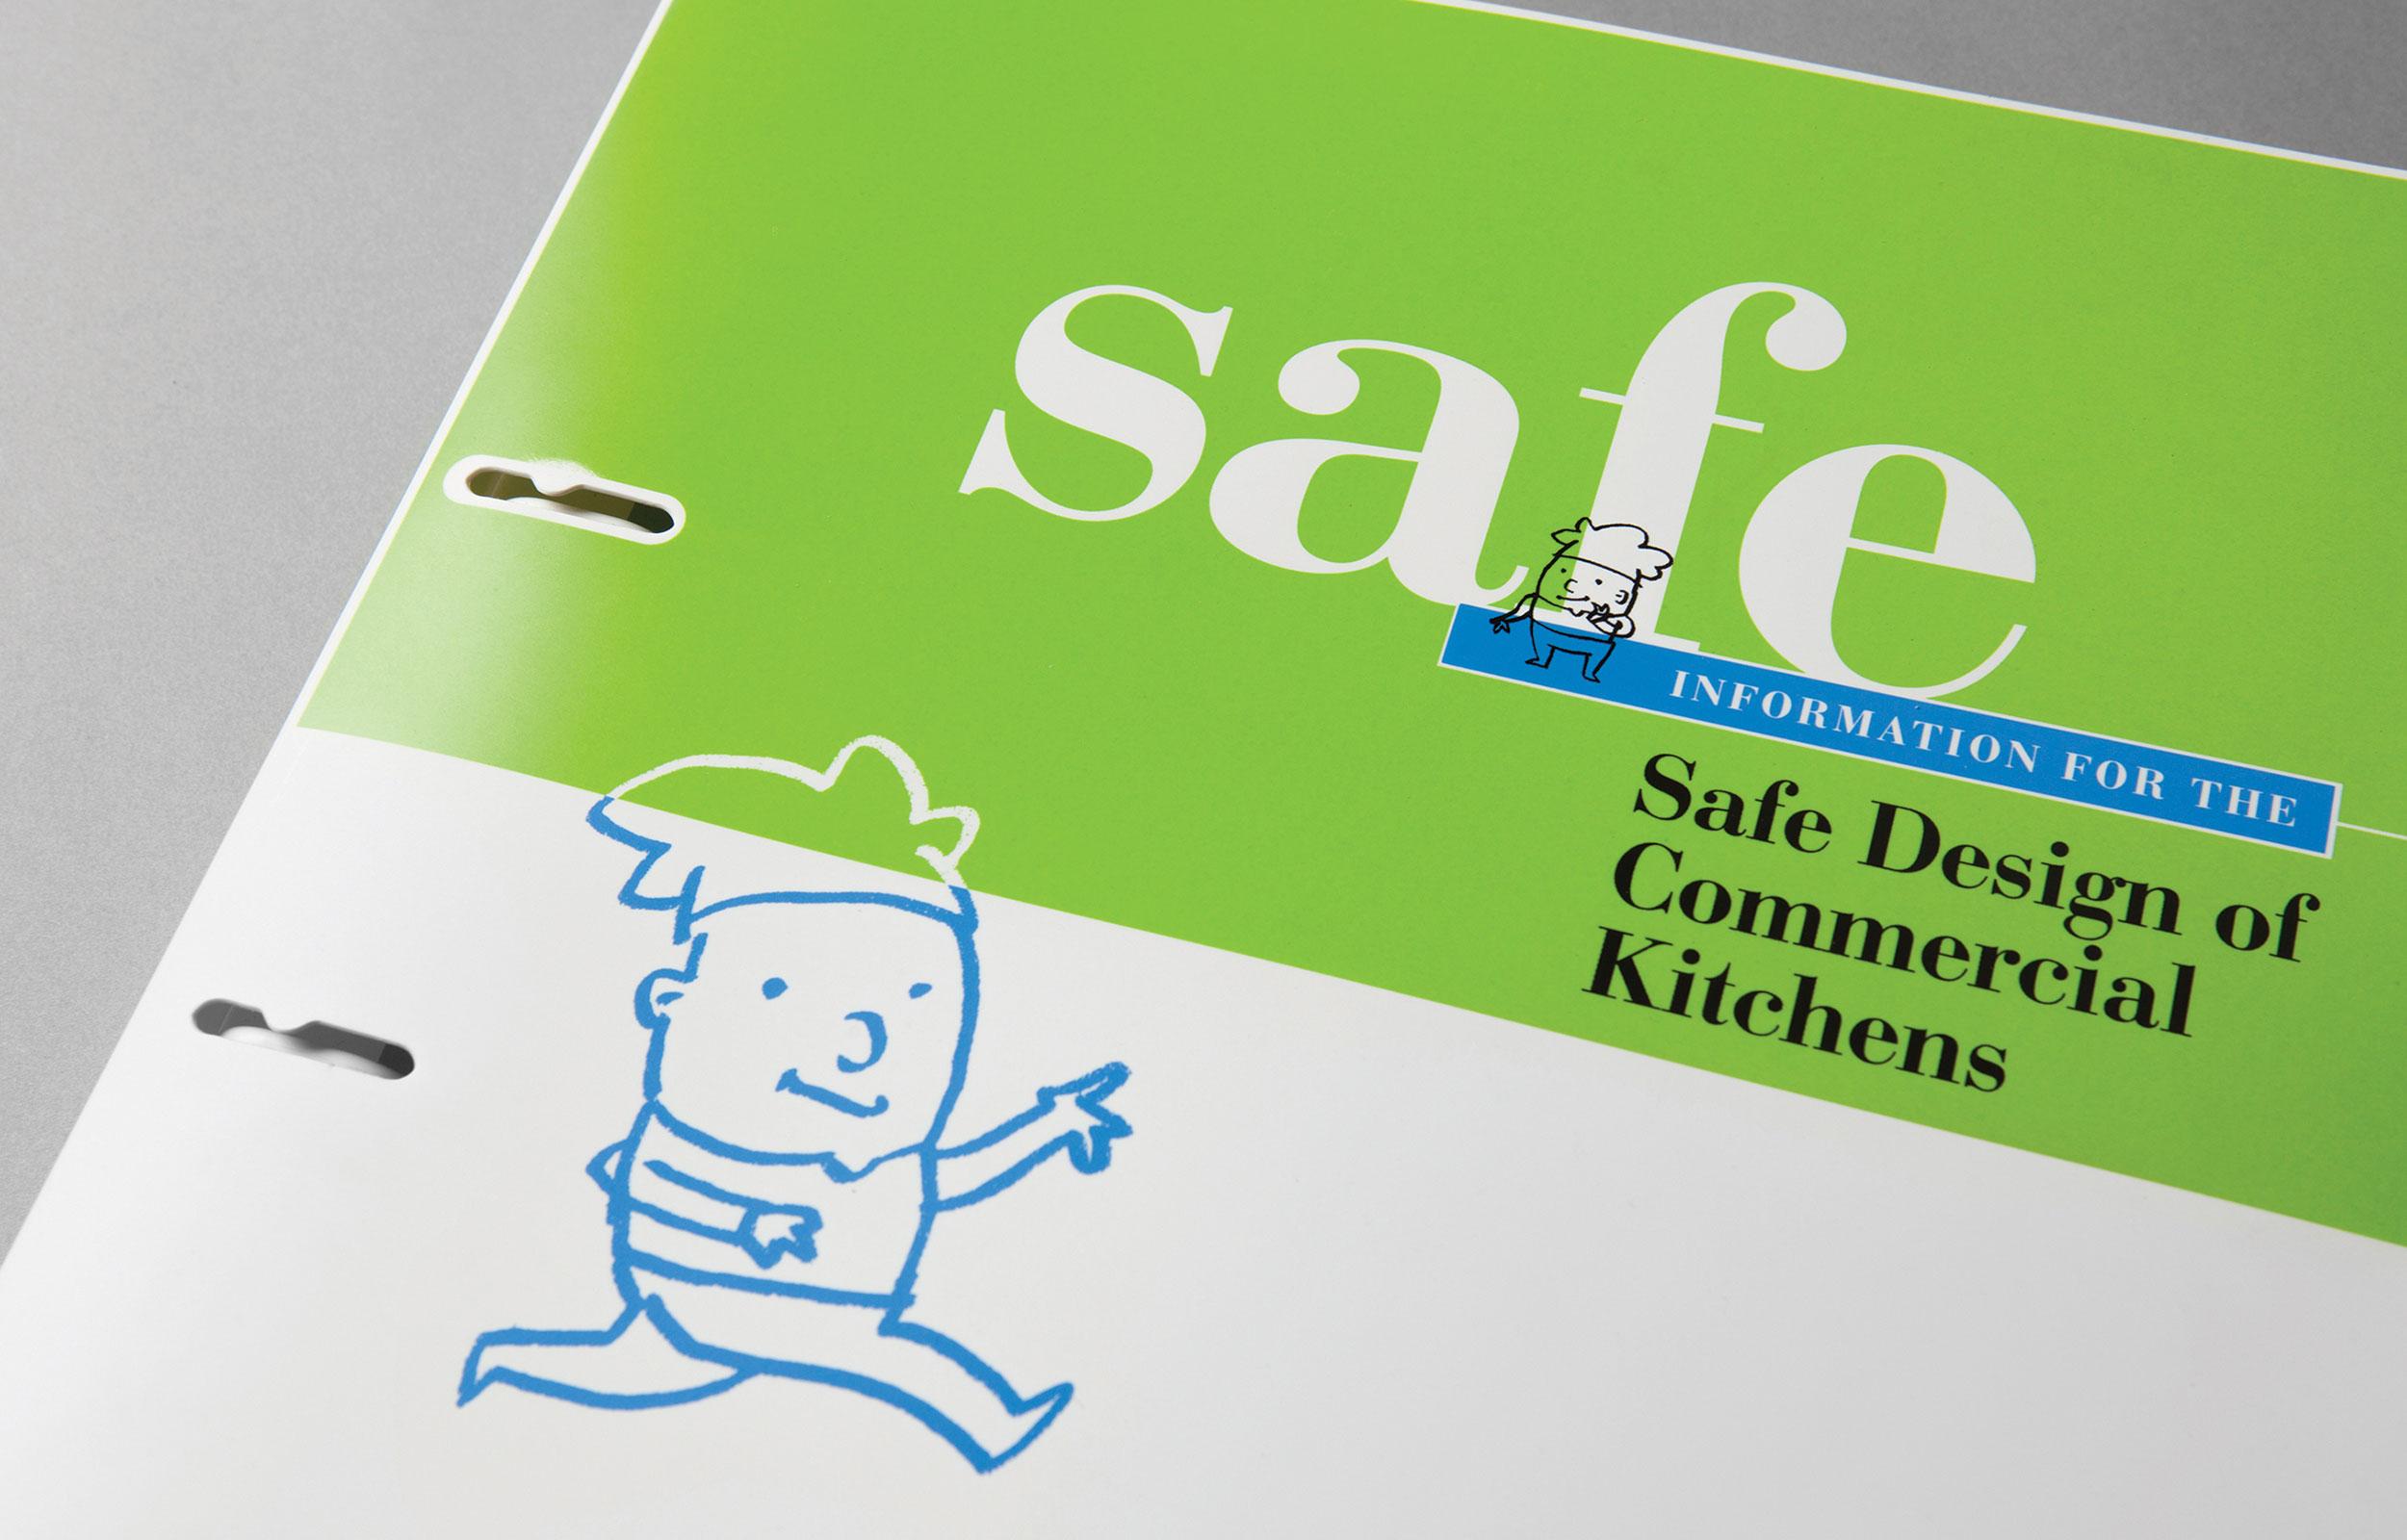 enoki-graphic-safekitchen-1.jpg